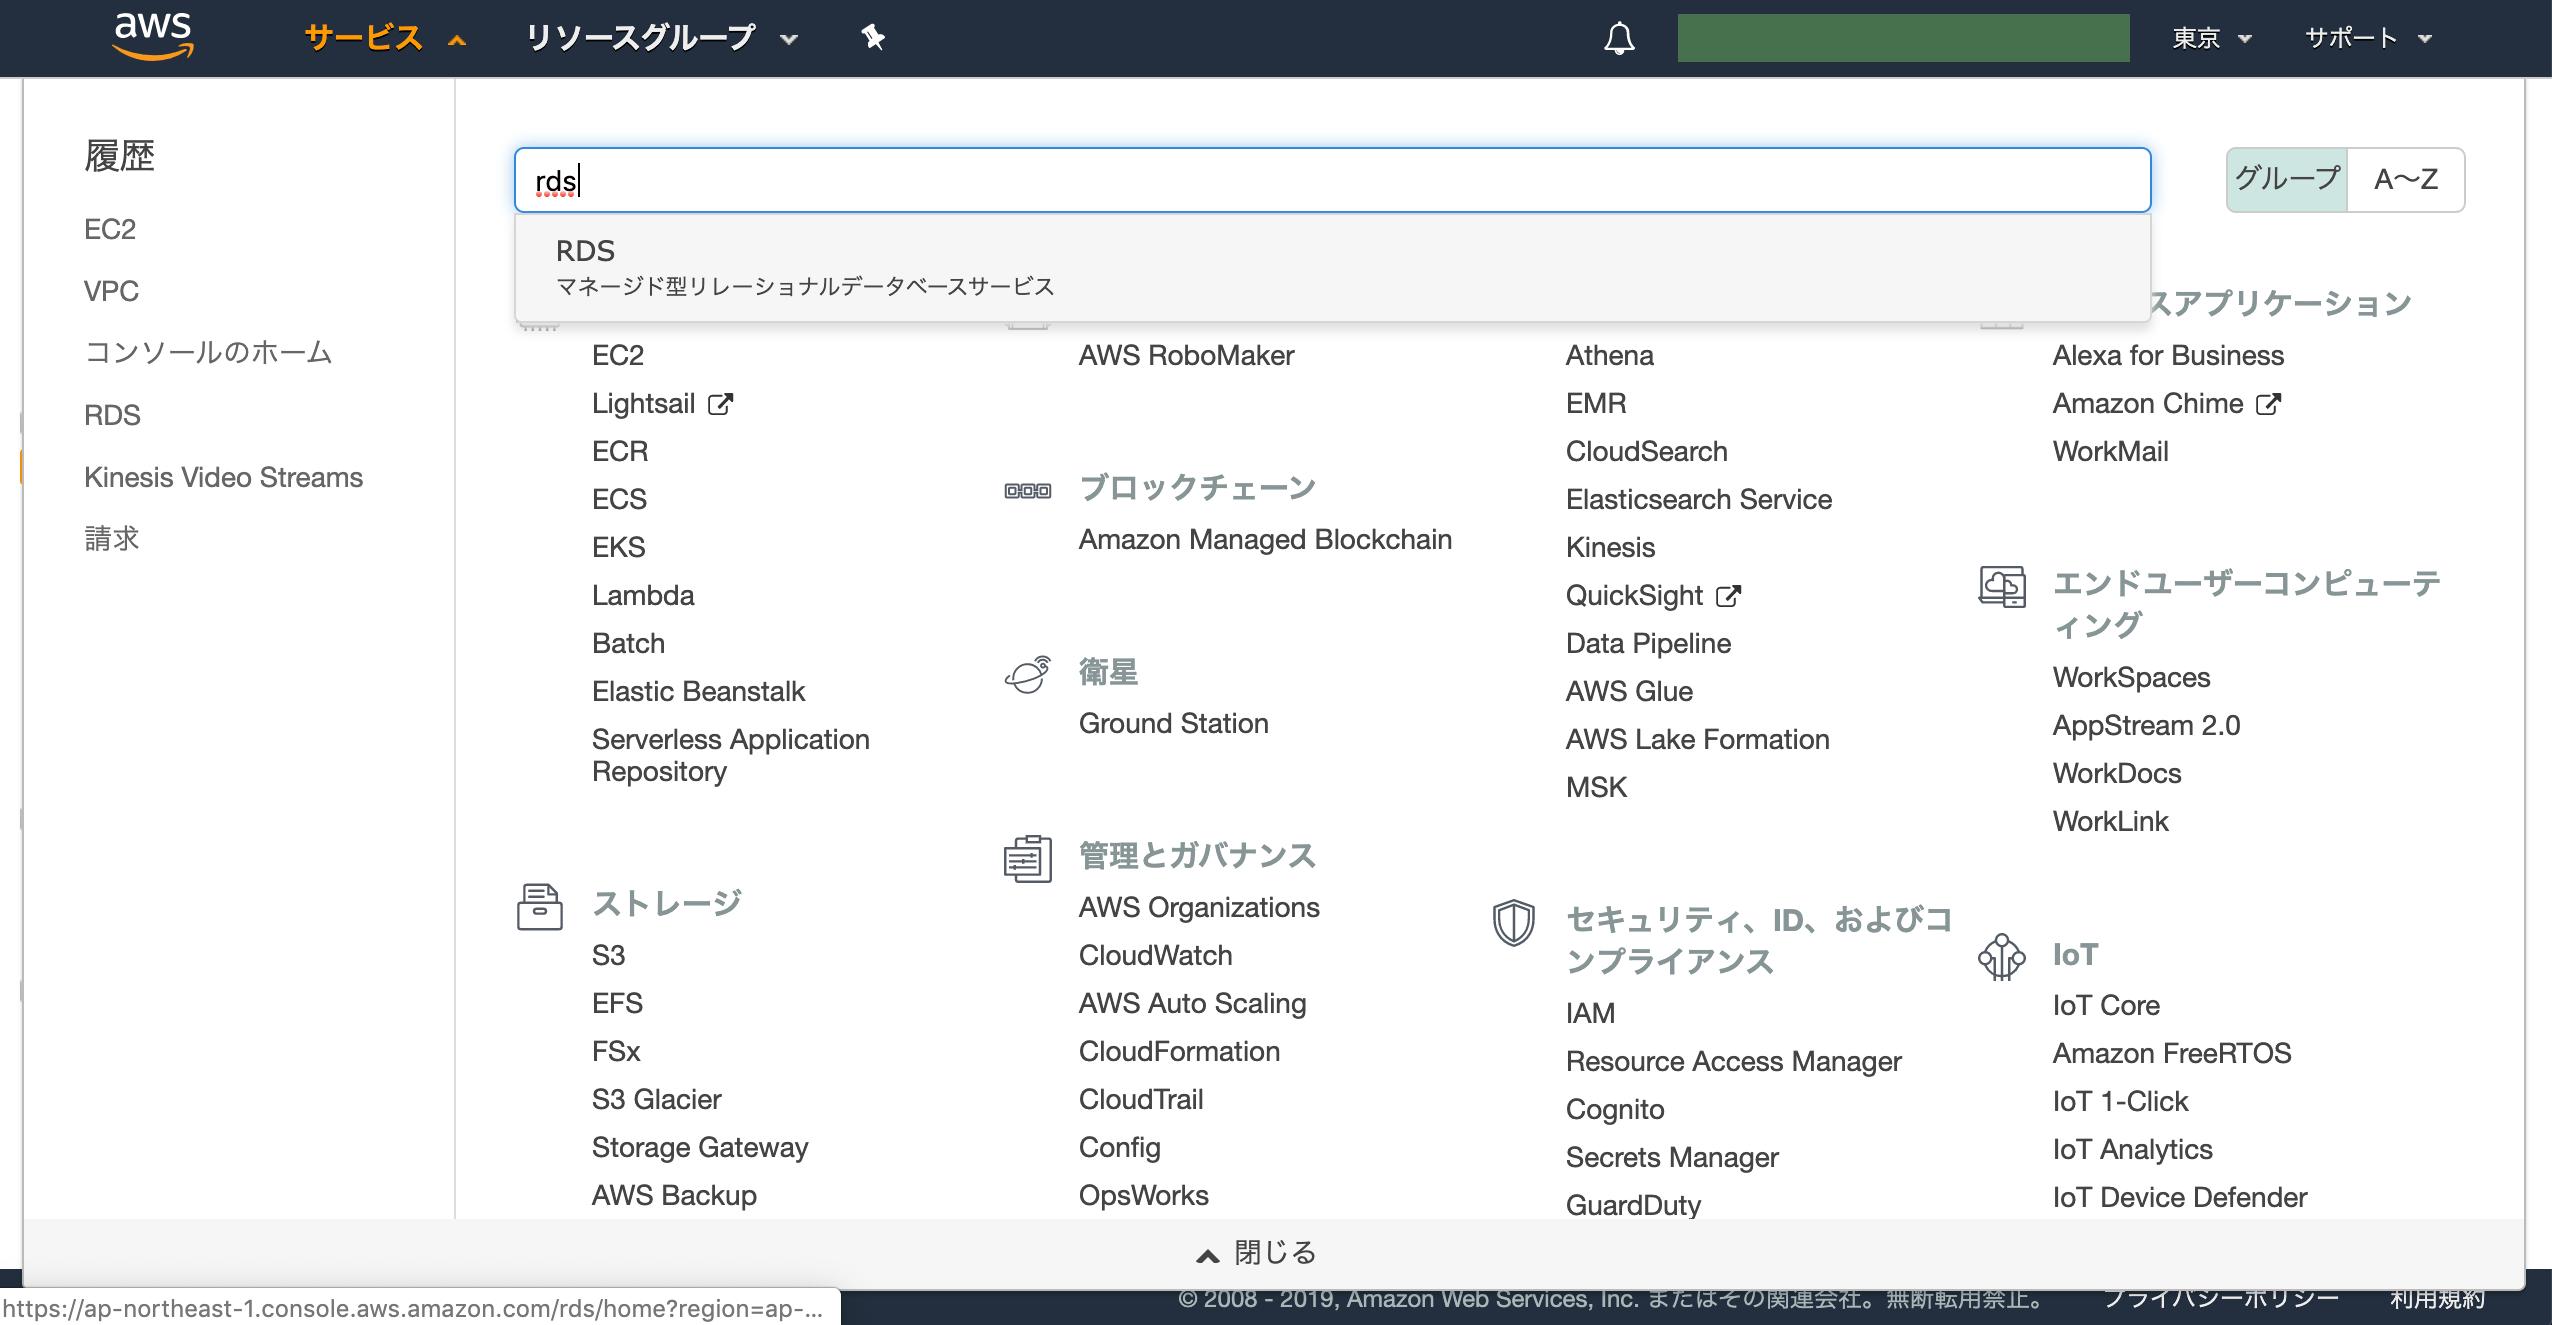 スクリーンショット 2019-09-26 1.59.28.png